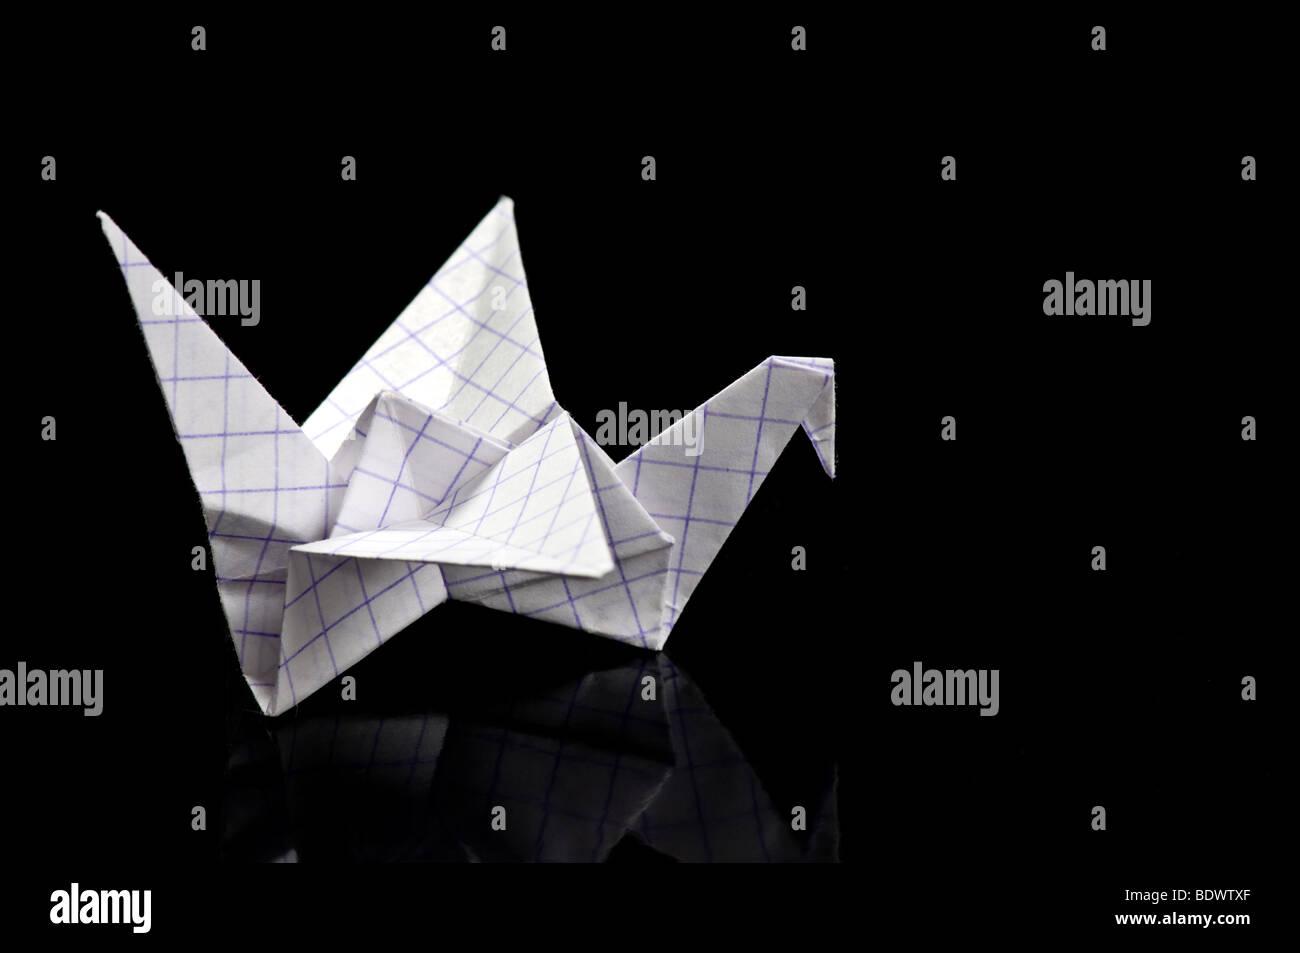 Origami-Kranich auf schwarzem Hintergrund Stockbild